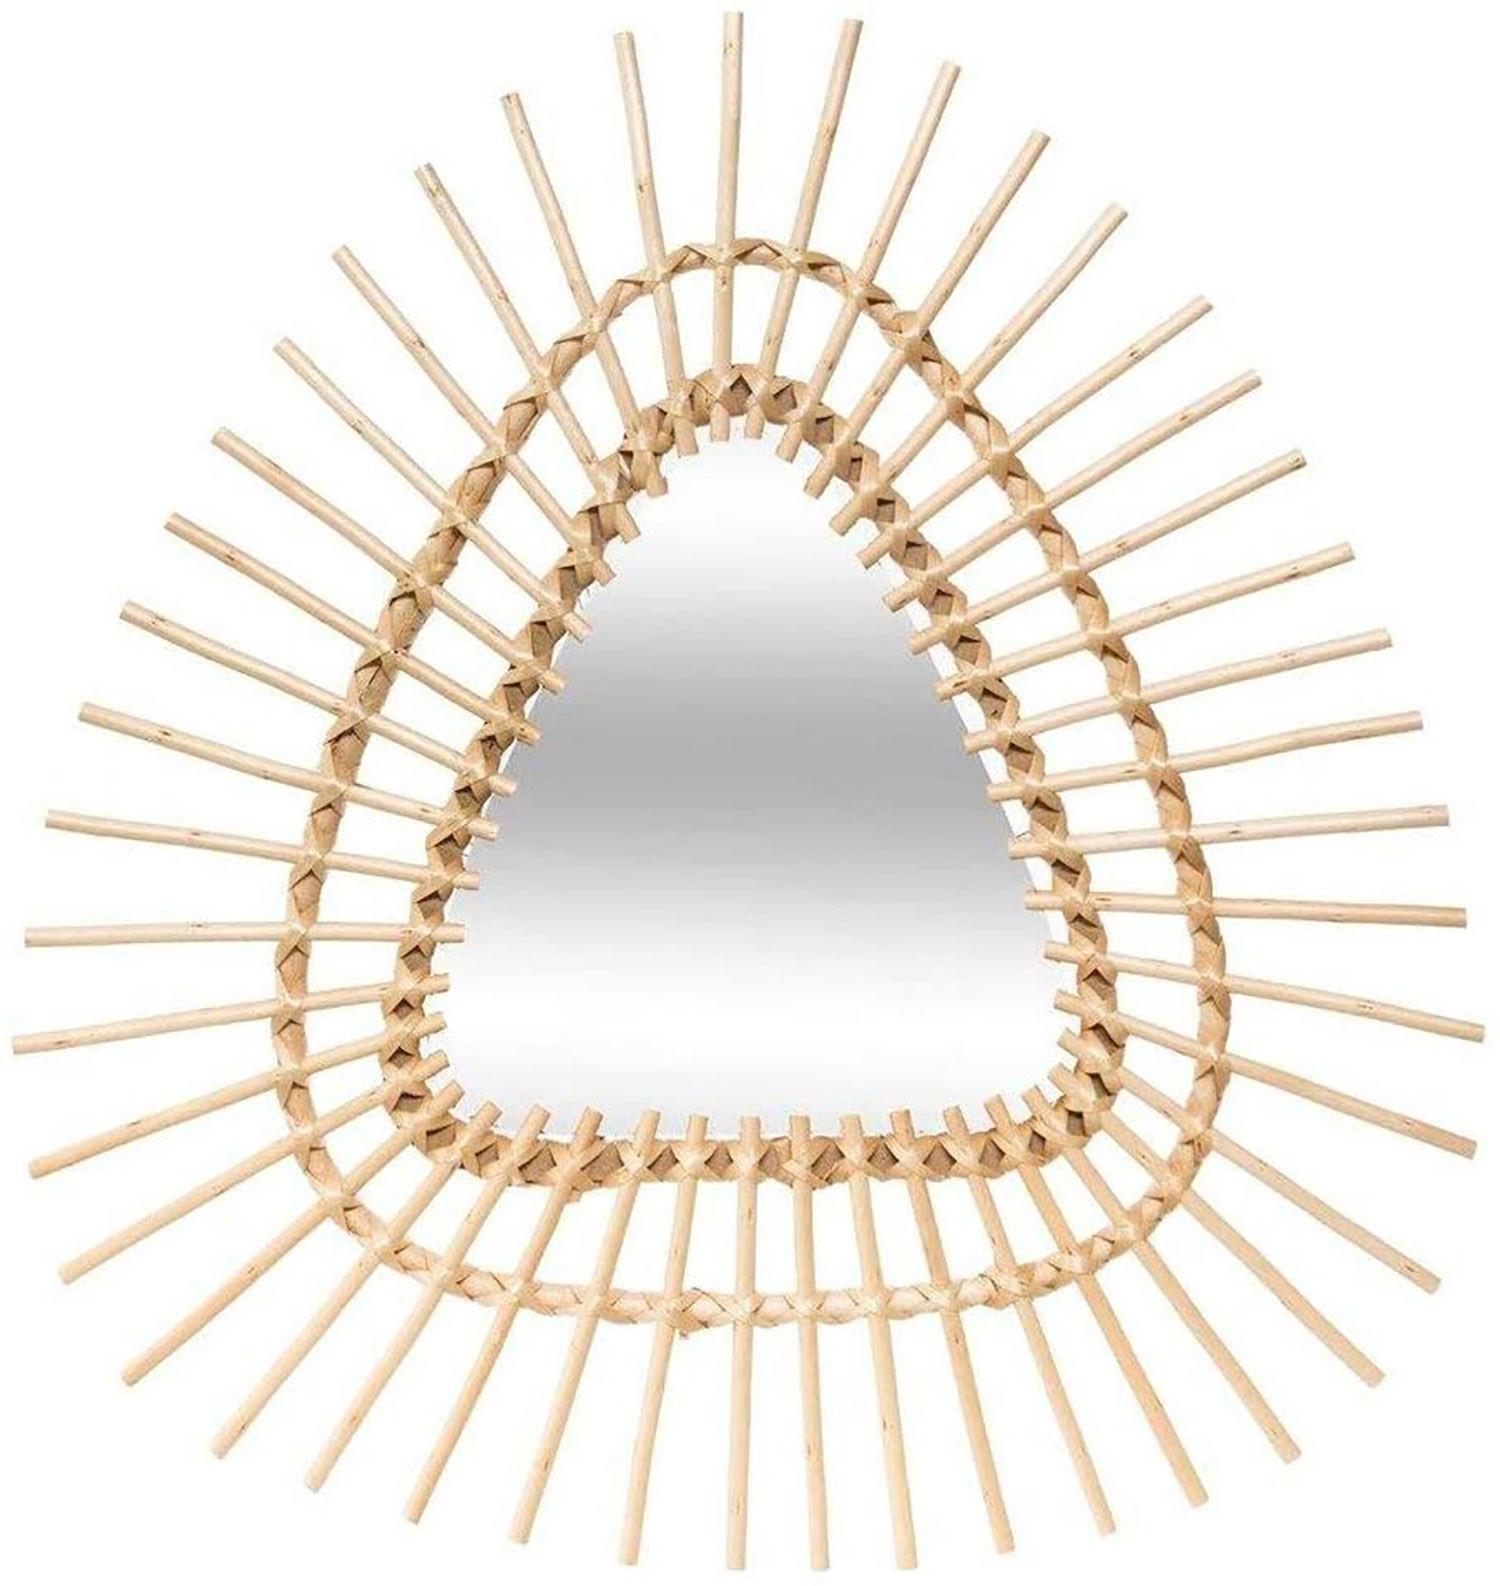 Espejos Triangulares Decorativos Geométricos, Espejo Pared de Ratán, . Decoración Pared Original y Moderno 54x57cm